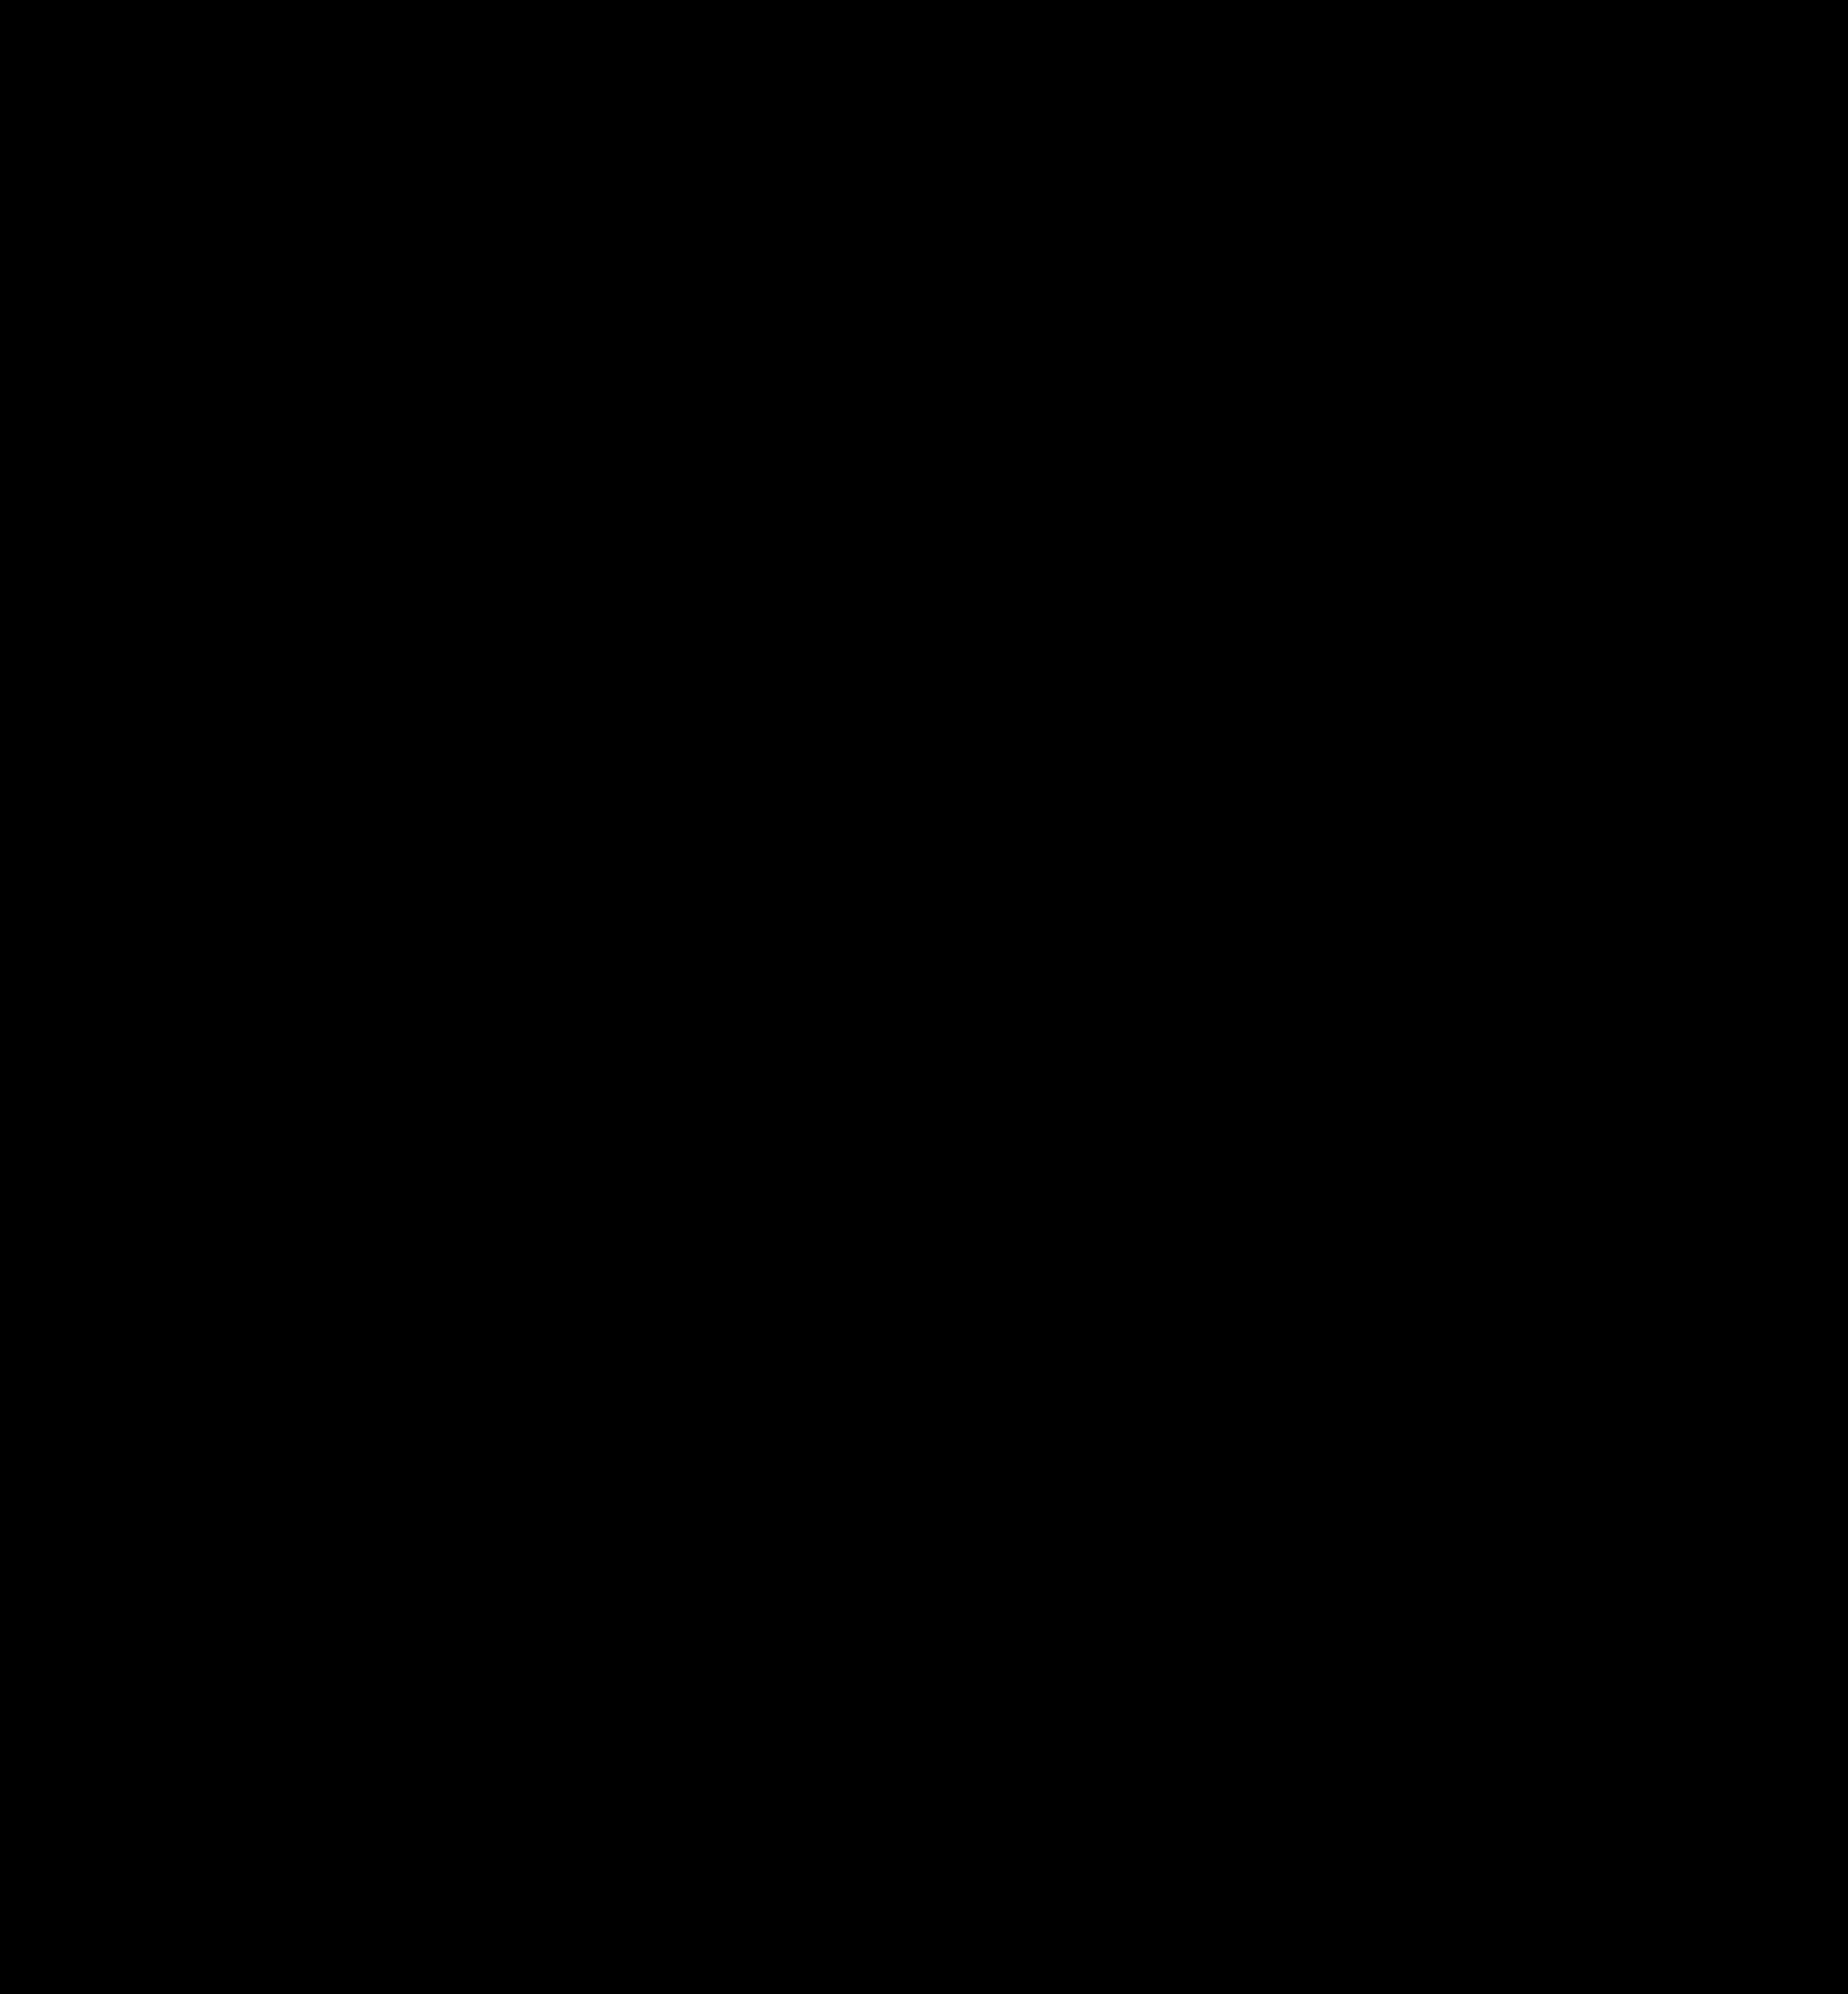 Unicorn Silhouette 5